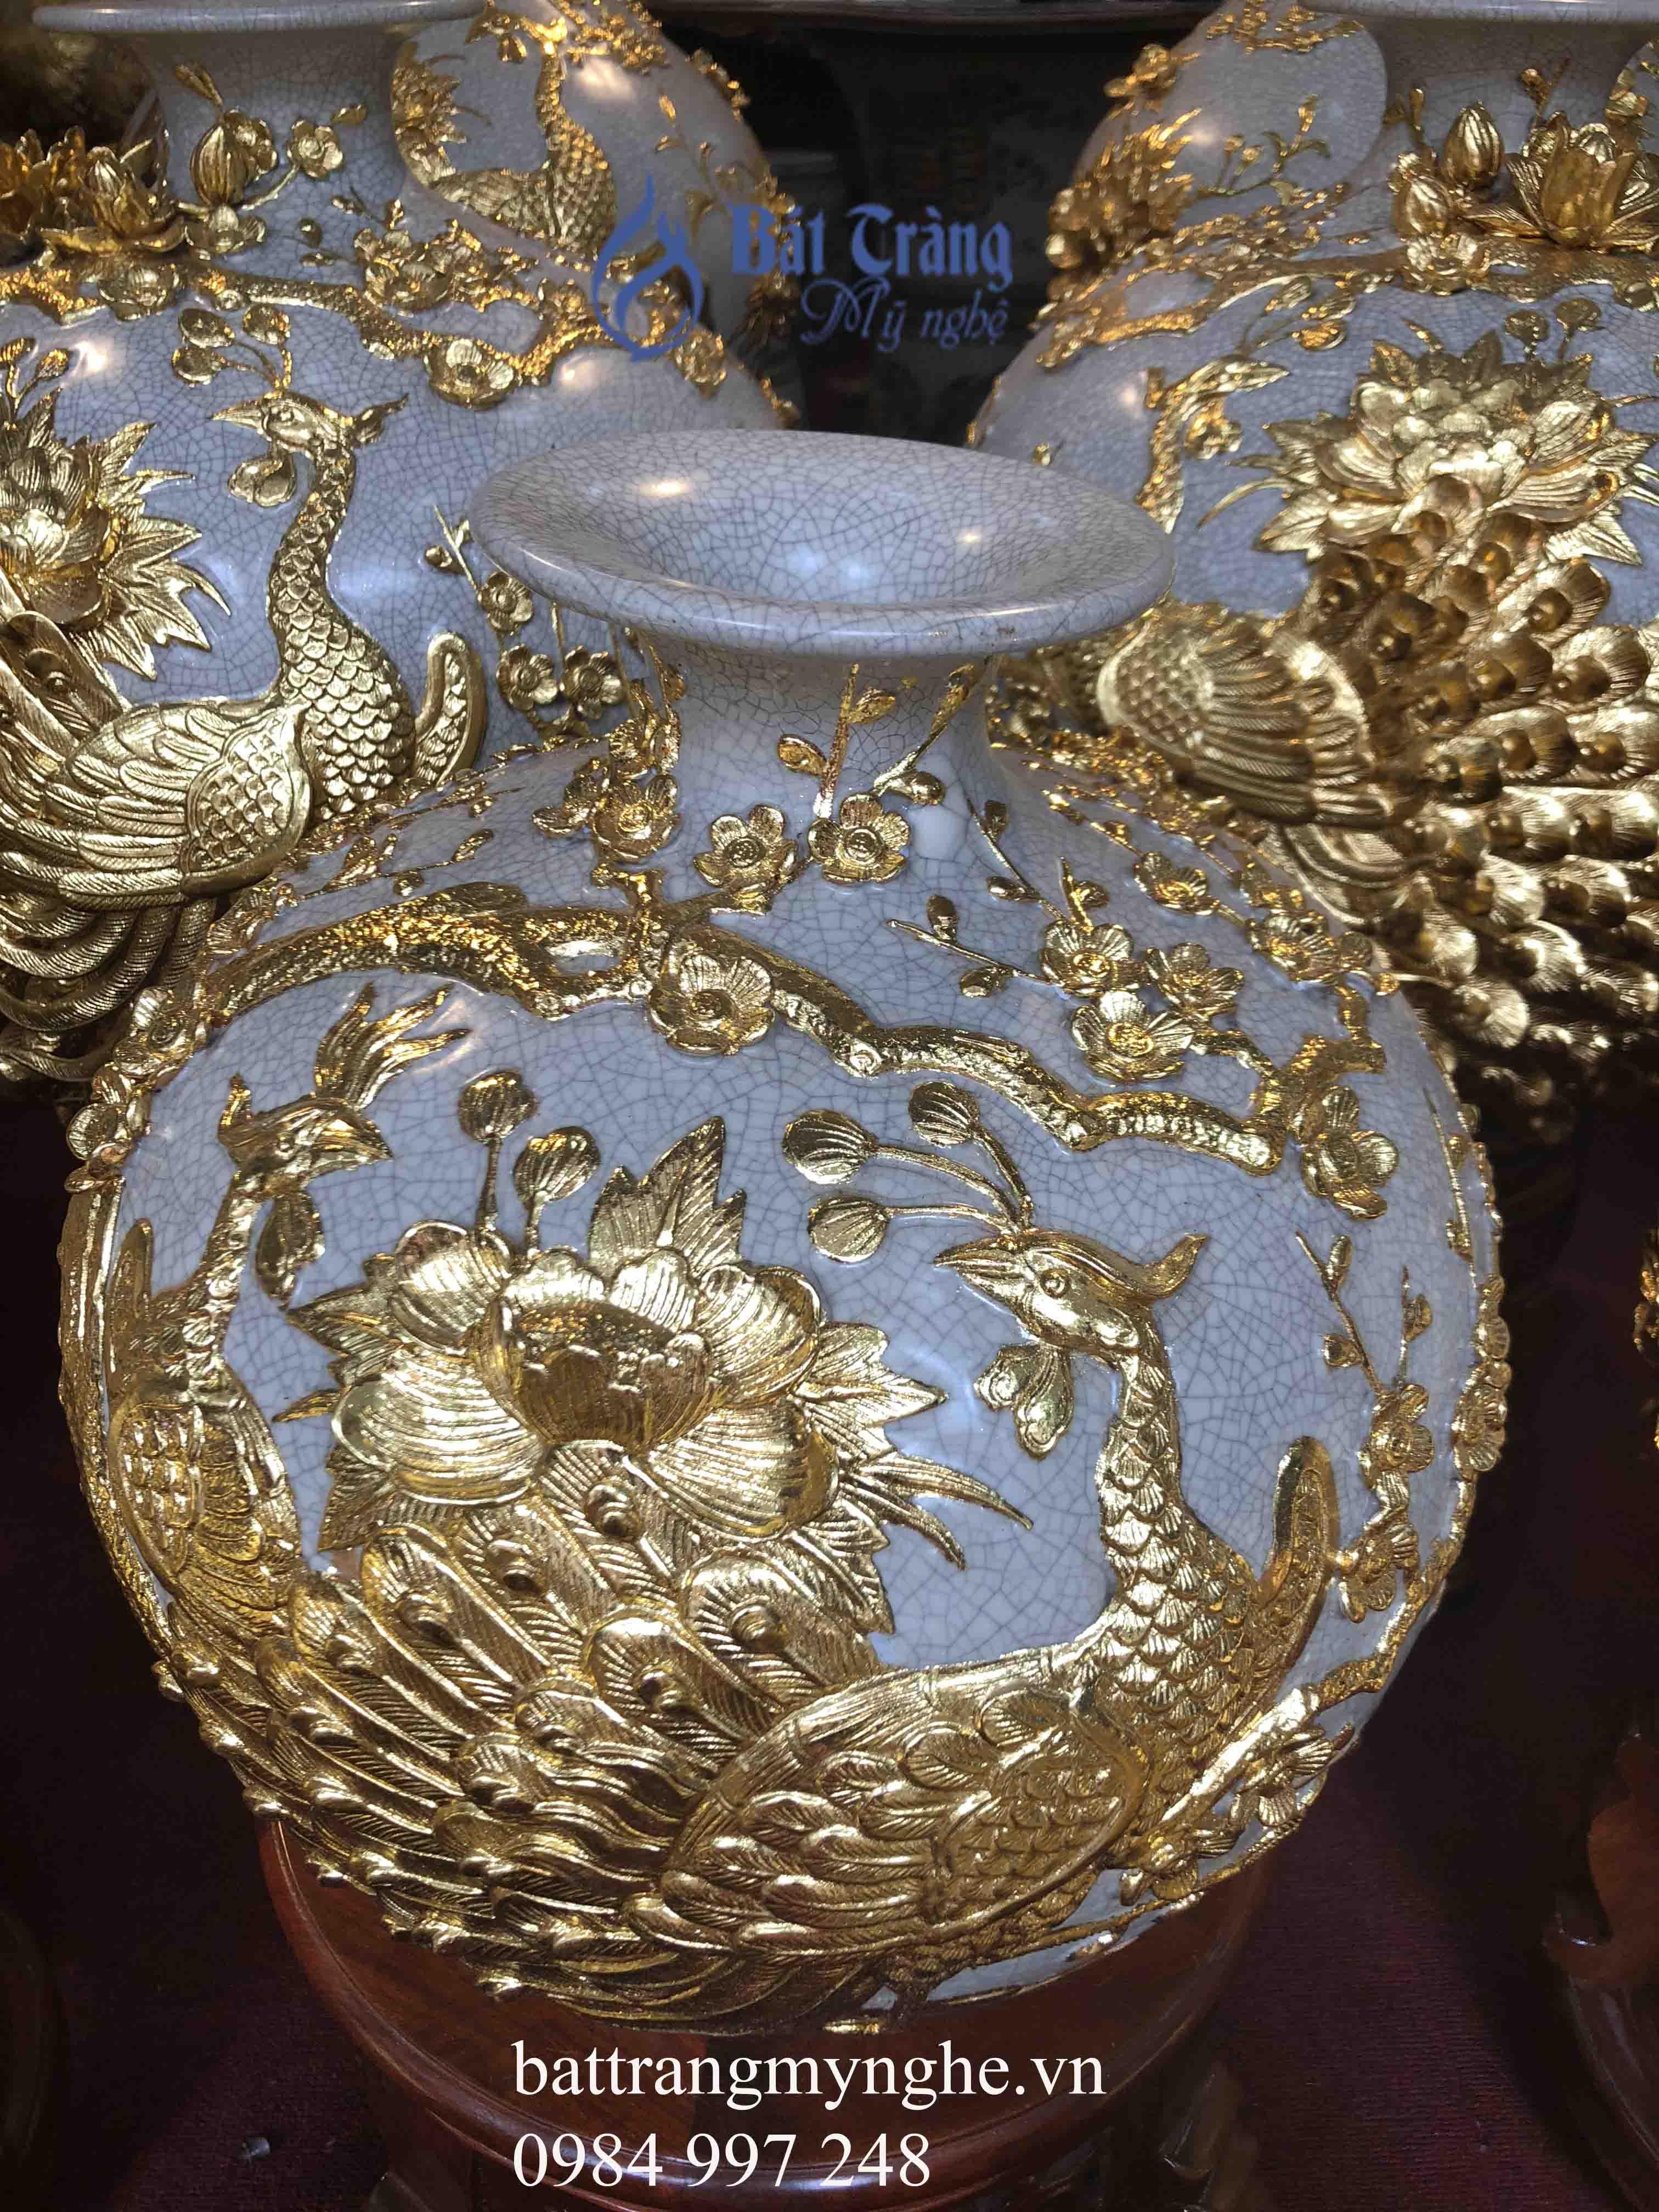 Bình hút tài lộc công đào đắp nổi dát vàng cao 40cm